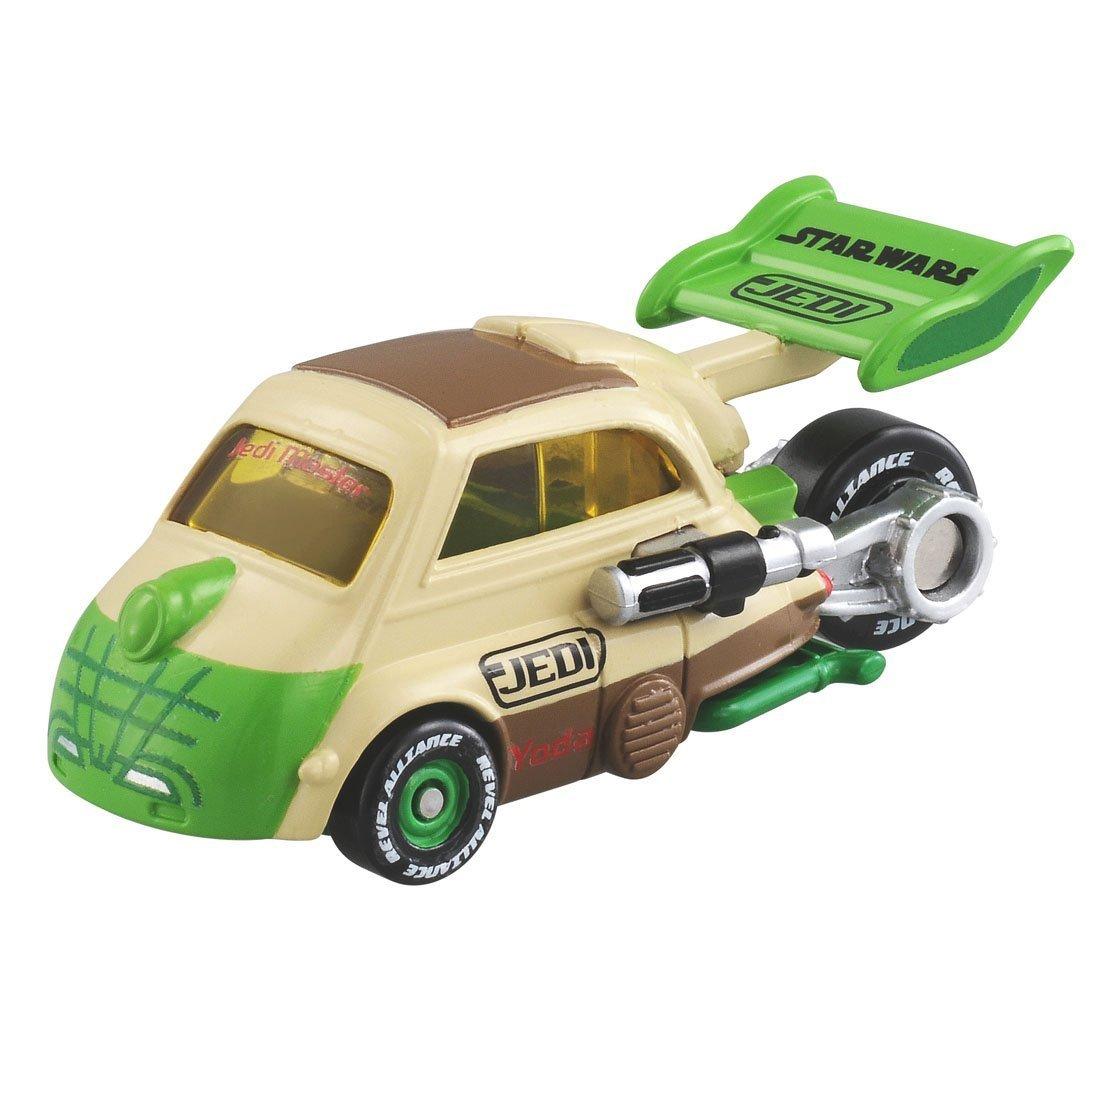 Xe ô tô 3 bánh mô hình Tomica Star Wars Yoda Bub200 SC-07